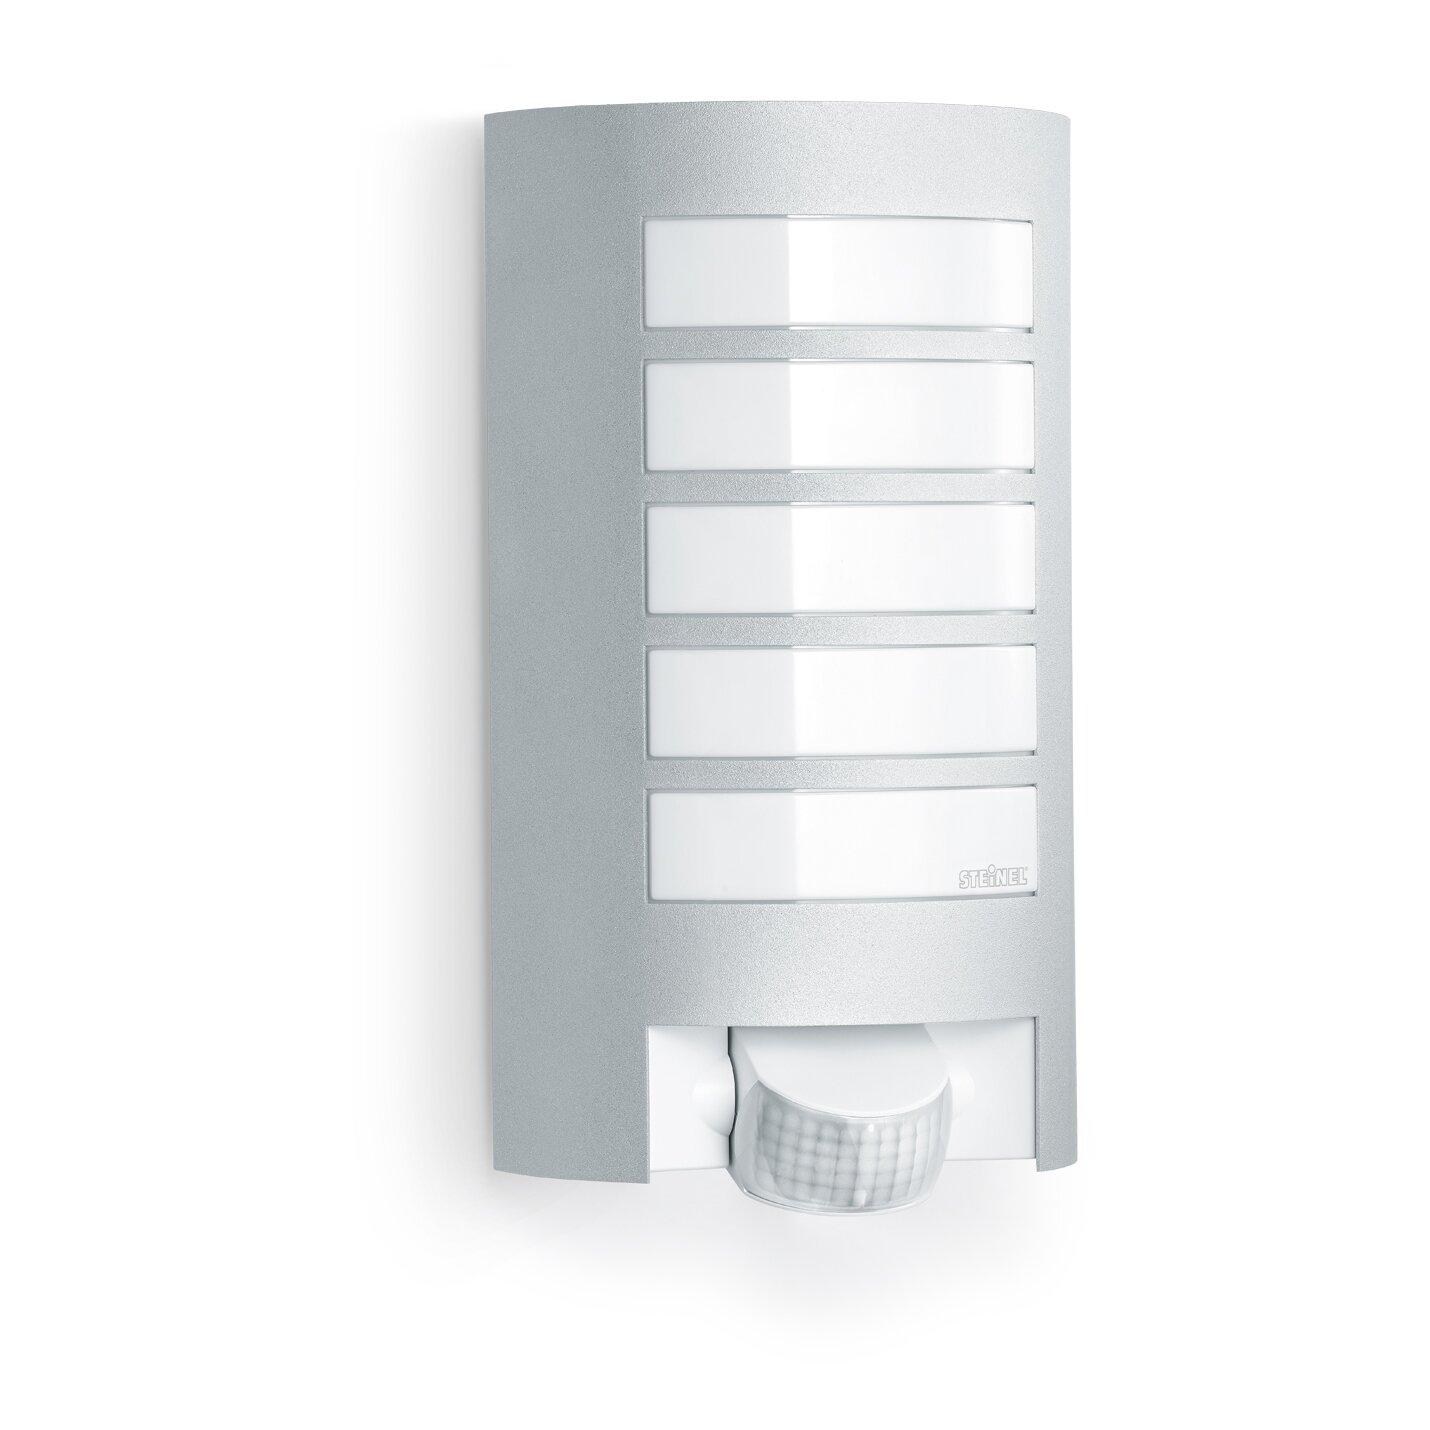 Steinel Outdoor Wall Security Light & Reviews Wayfair UK